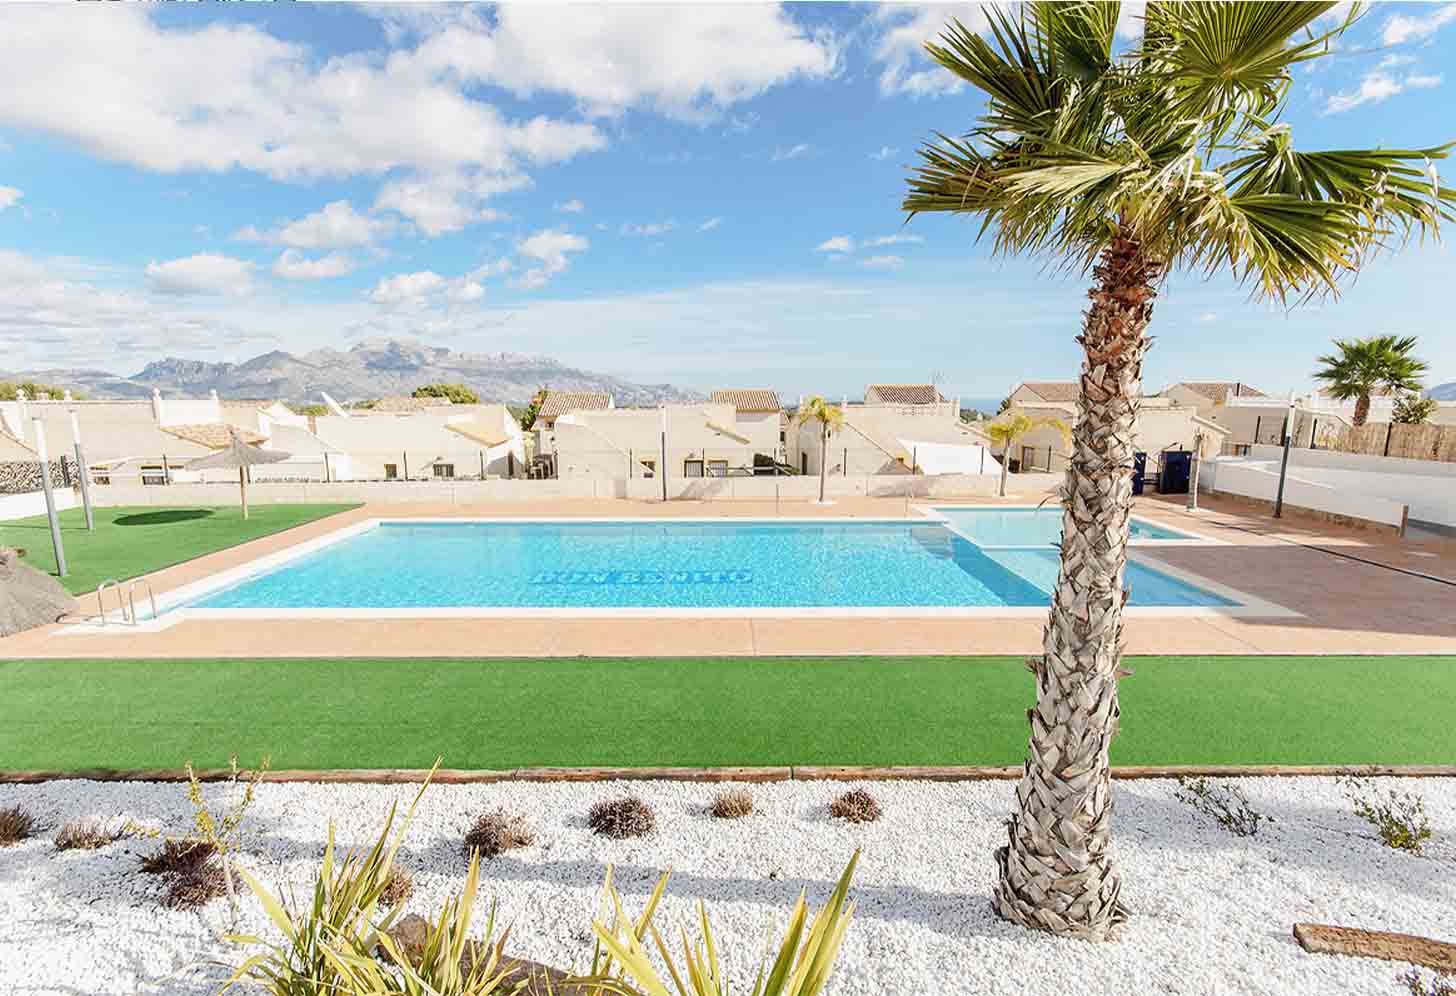 immobilier neuf espagne costa blanca nord on-f1 altos de polop piscine